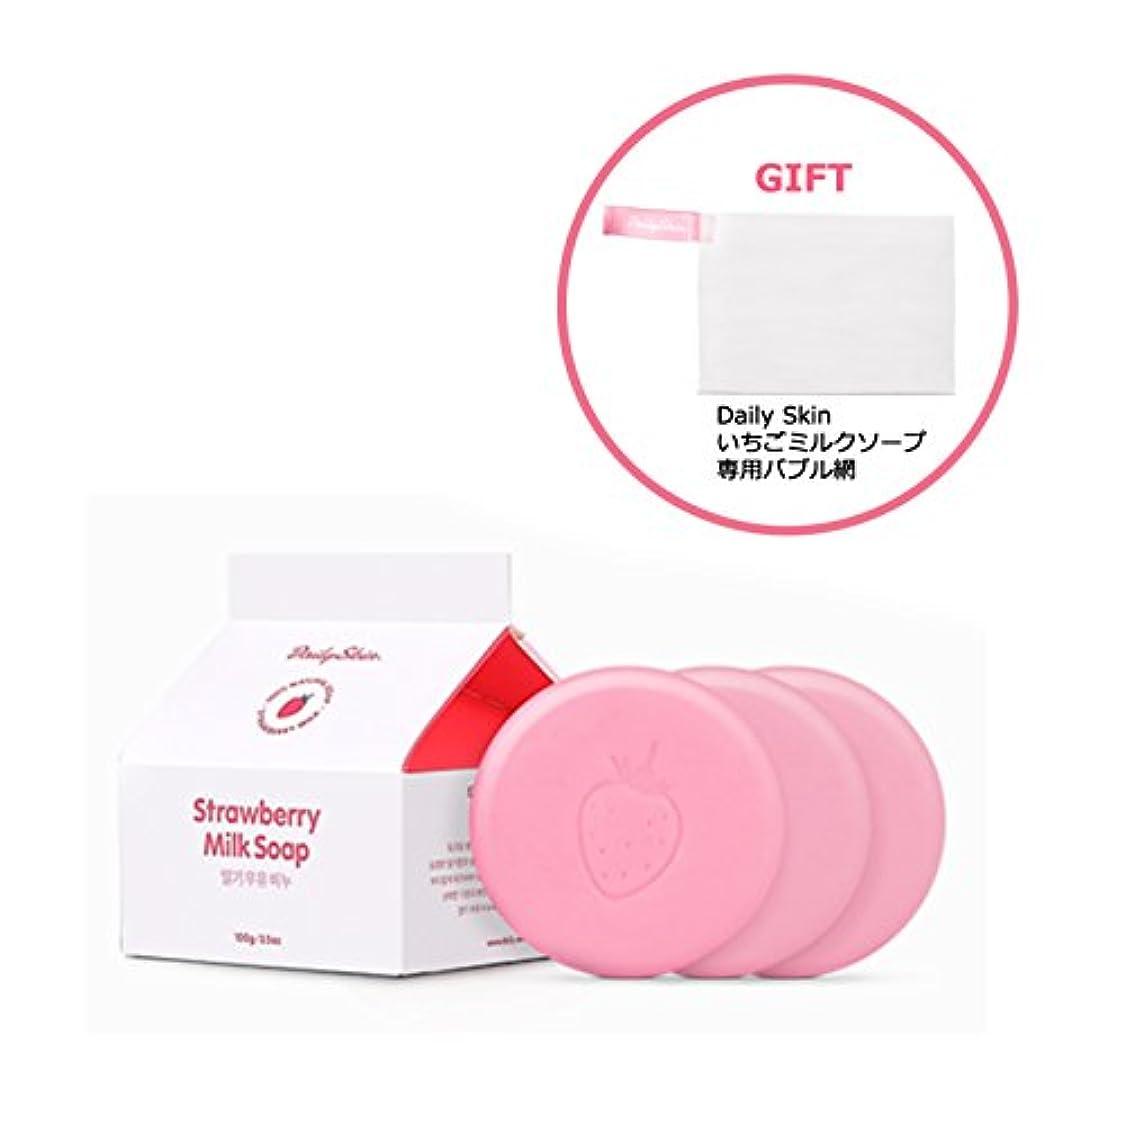 キャプテンブライ思いつく五月[3個+専用バブルネット][Daily Skin] デイリースキンリアルイチゴミルクソープ 石鹸 Real Natural Strawberry Milk Soap [並行輸入品]